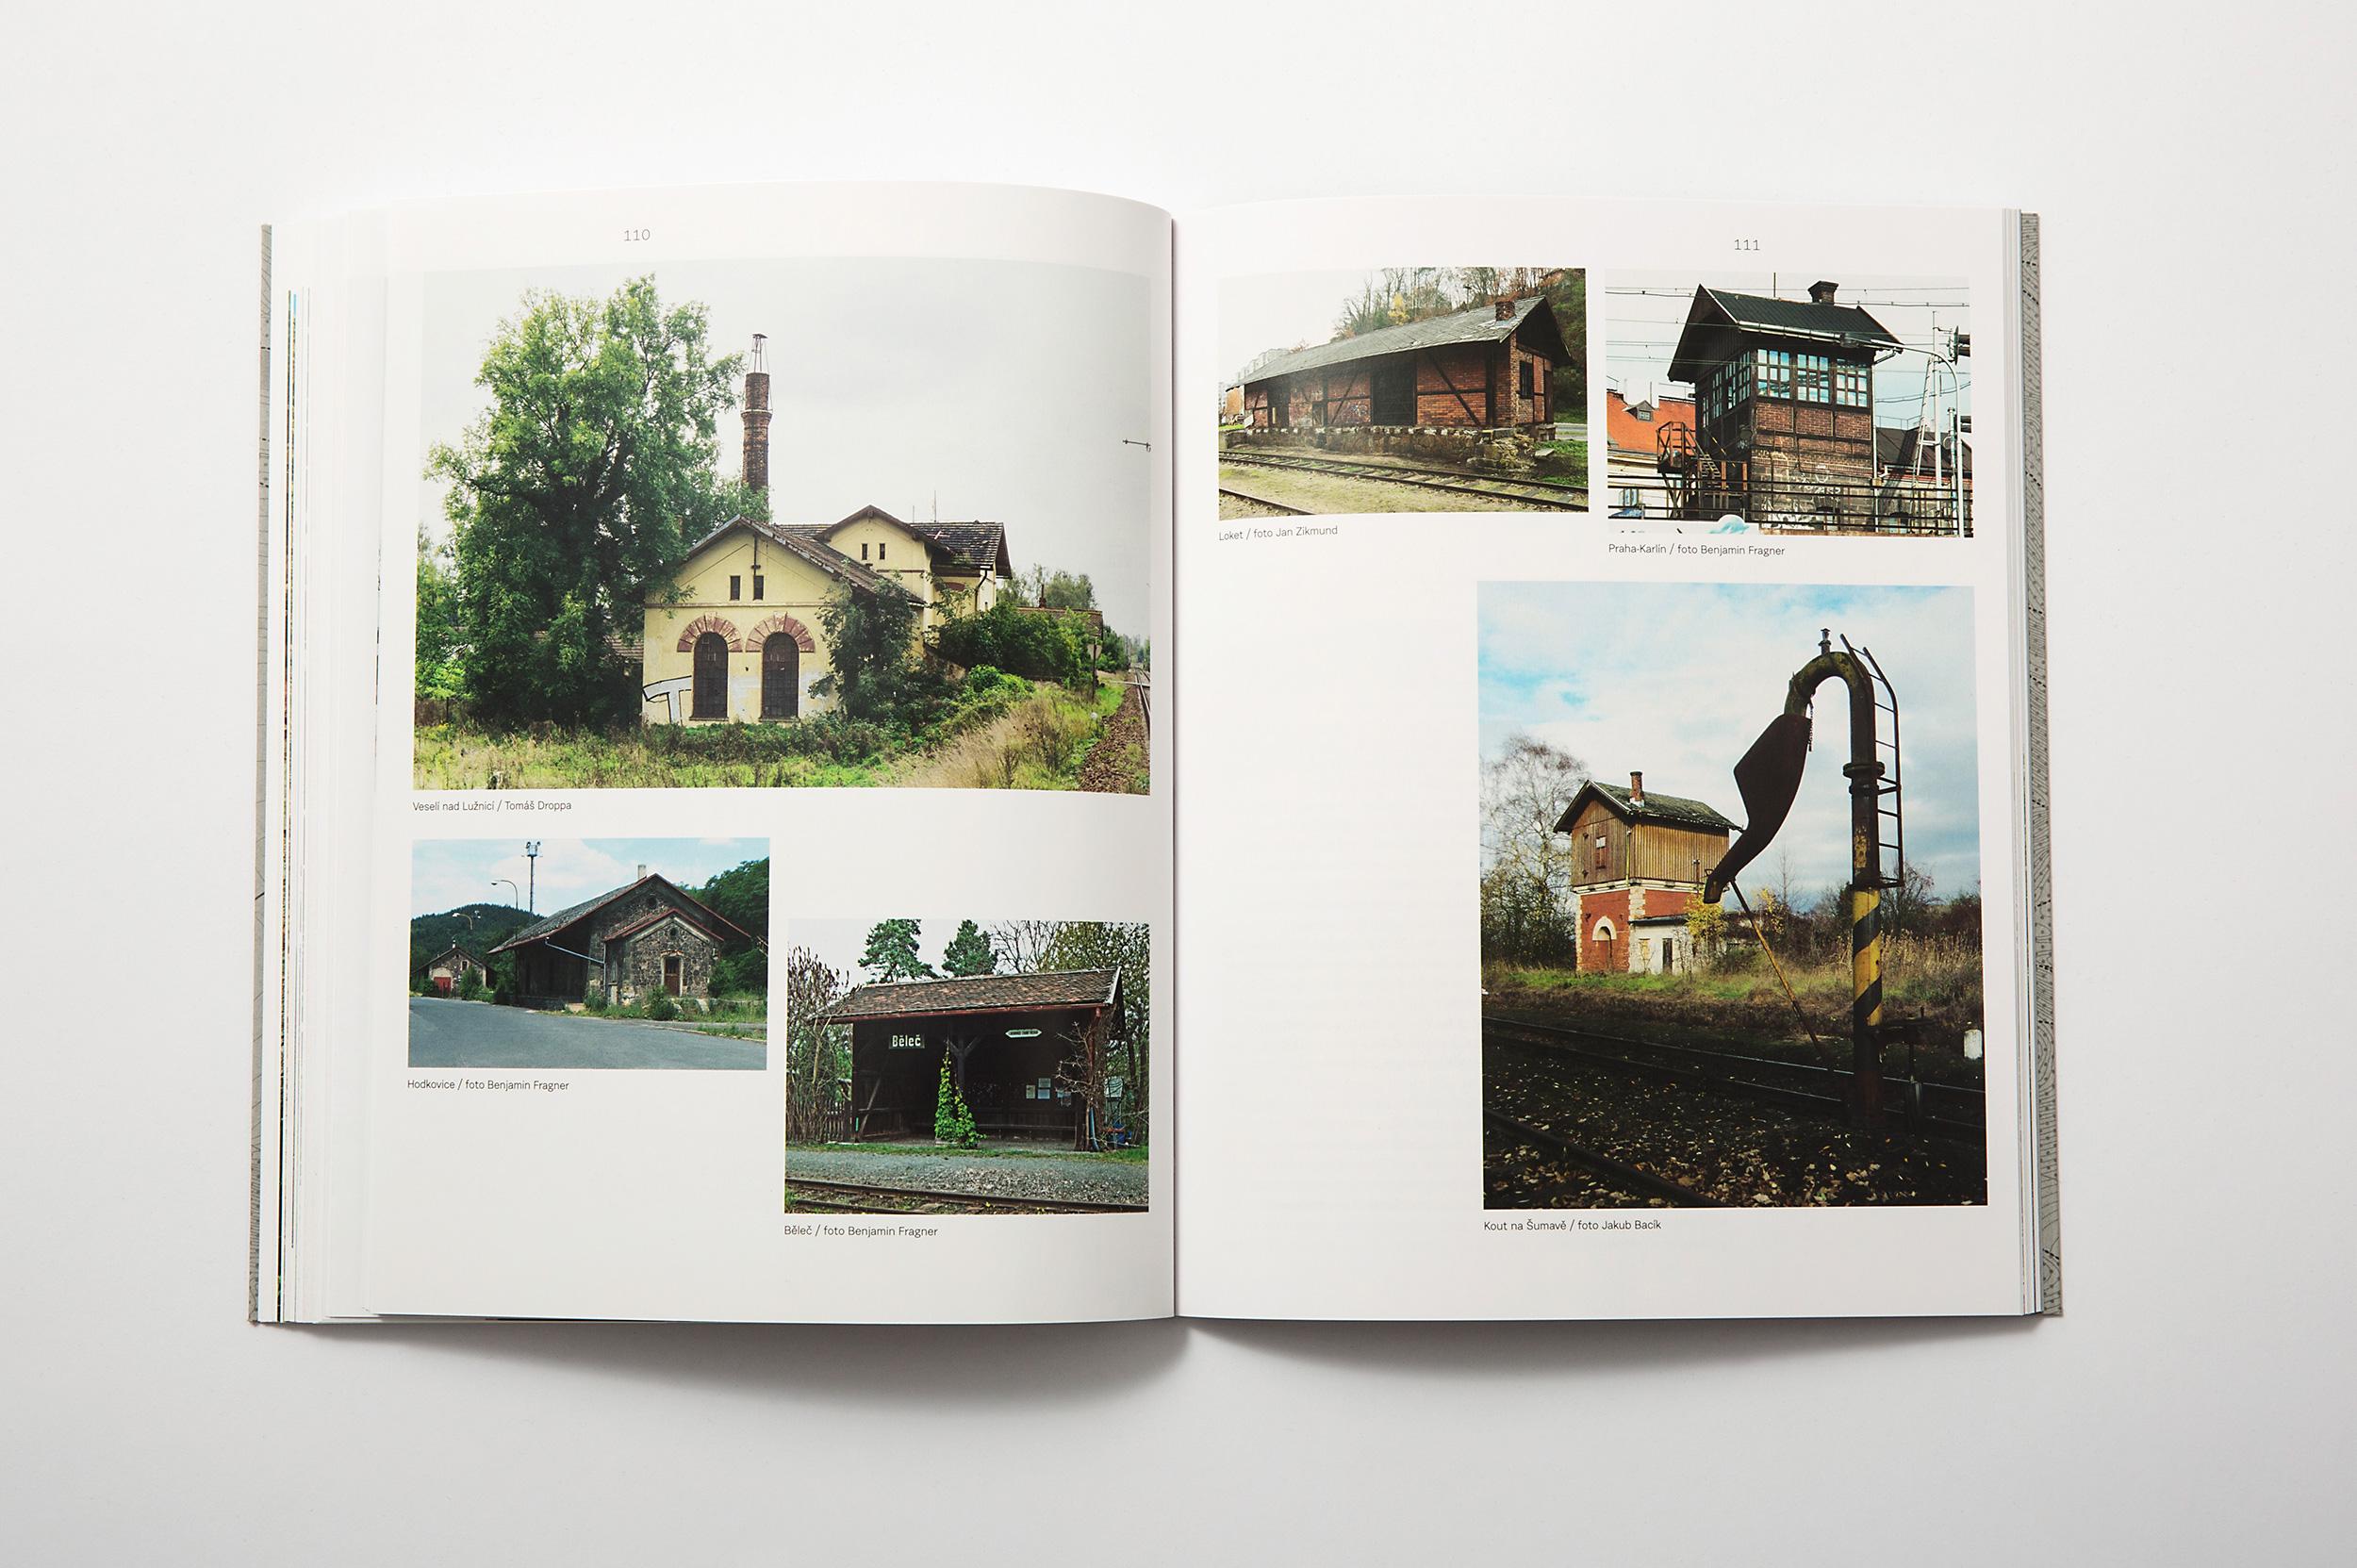 opomijene_industrialni_stopy-web-foto_gabriel_fragner (6)